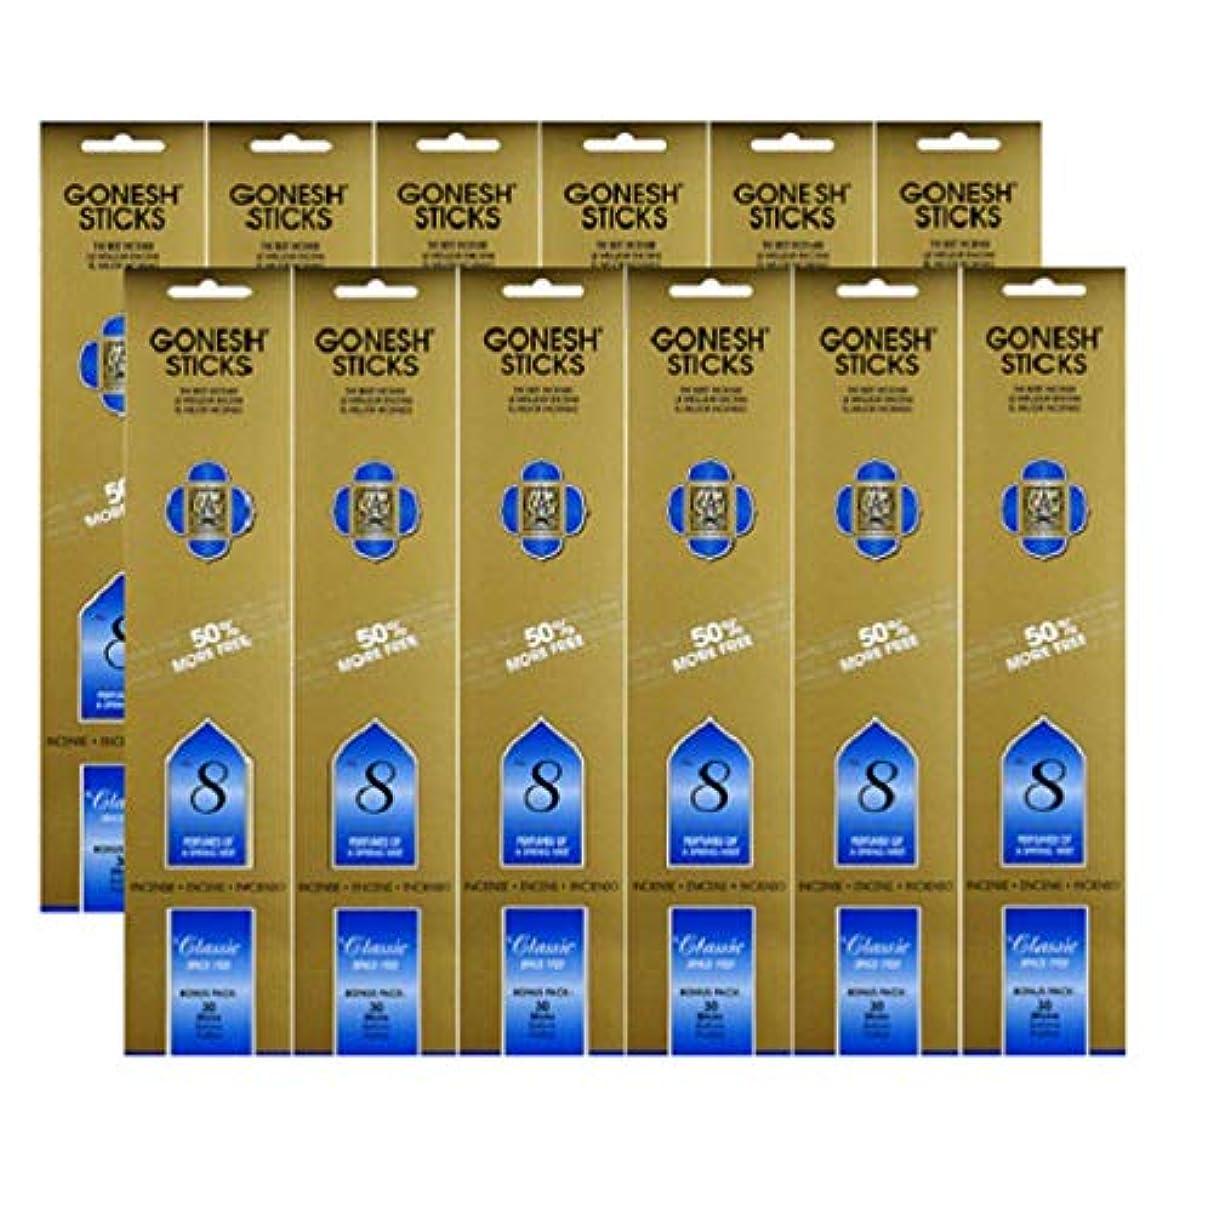 オリエンタル家族フラスコGonesh #8 Bonus Pack 30 sticks ガーネッシュ#8 ボーナスパック30本入 12個組 360本